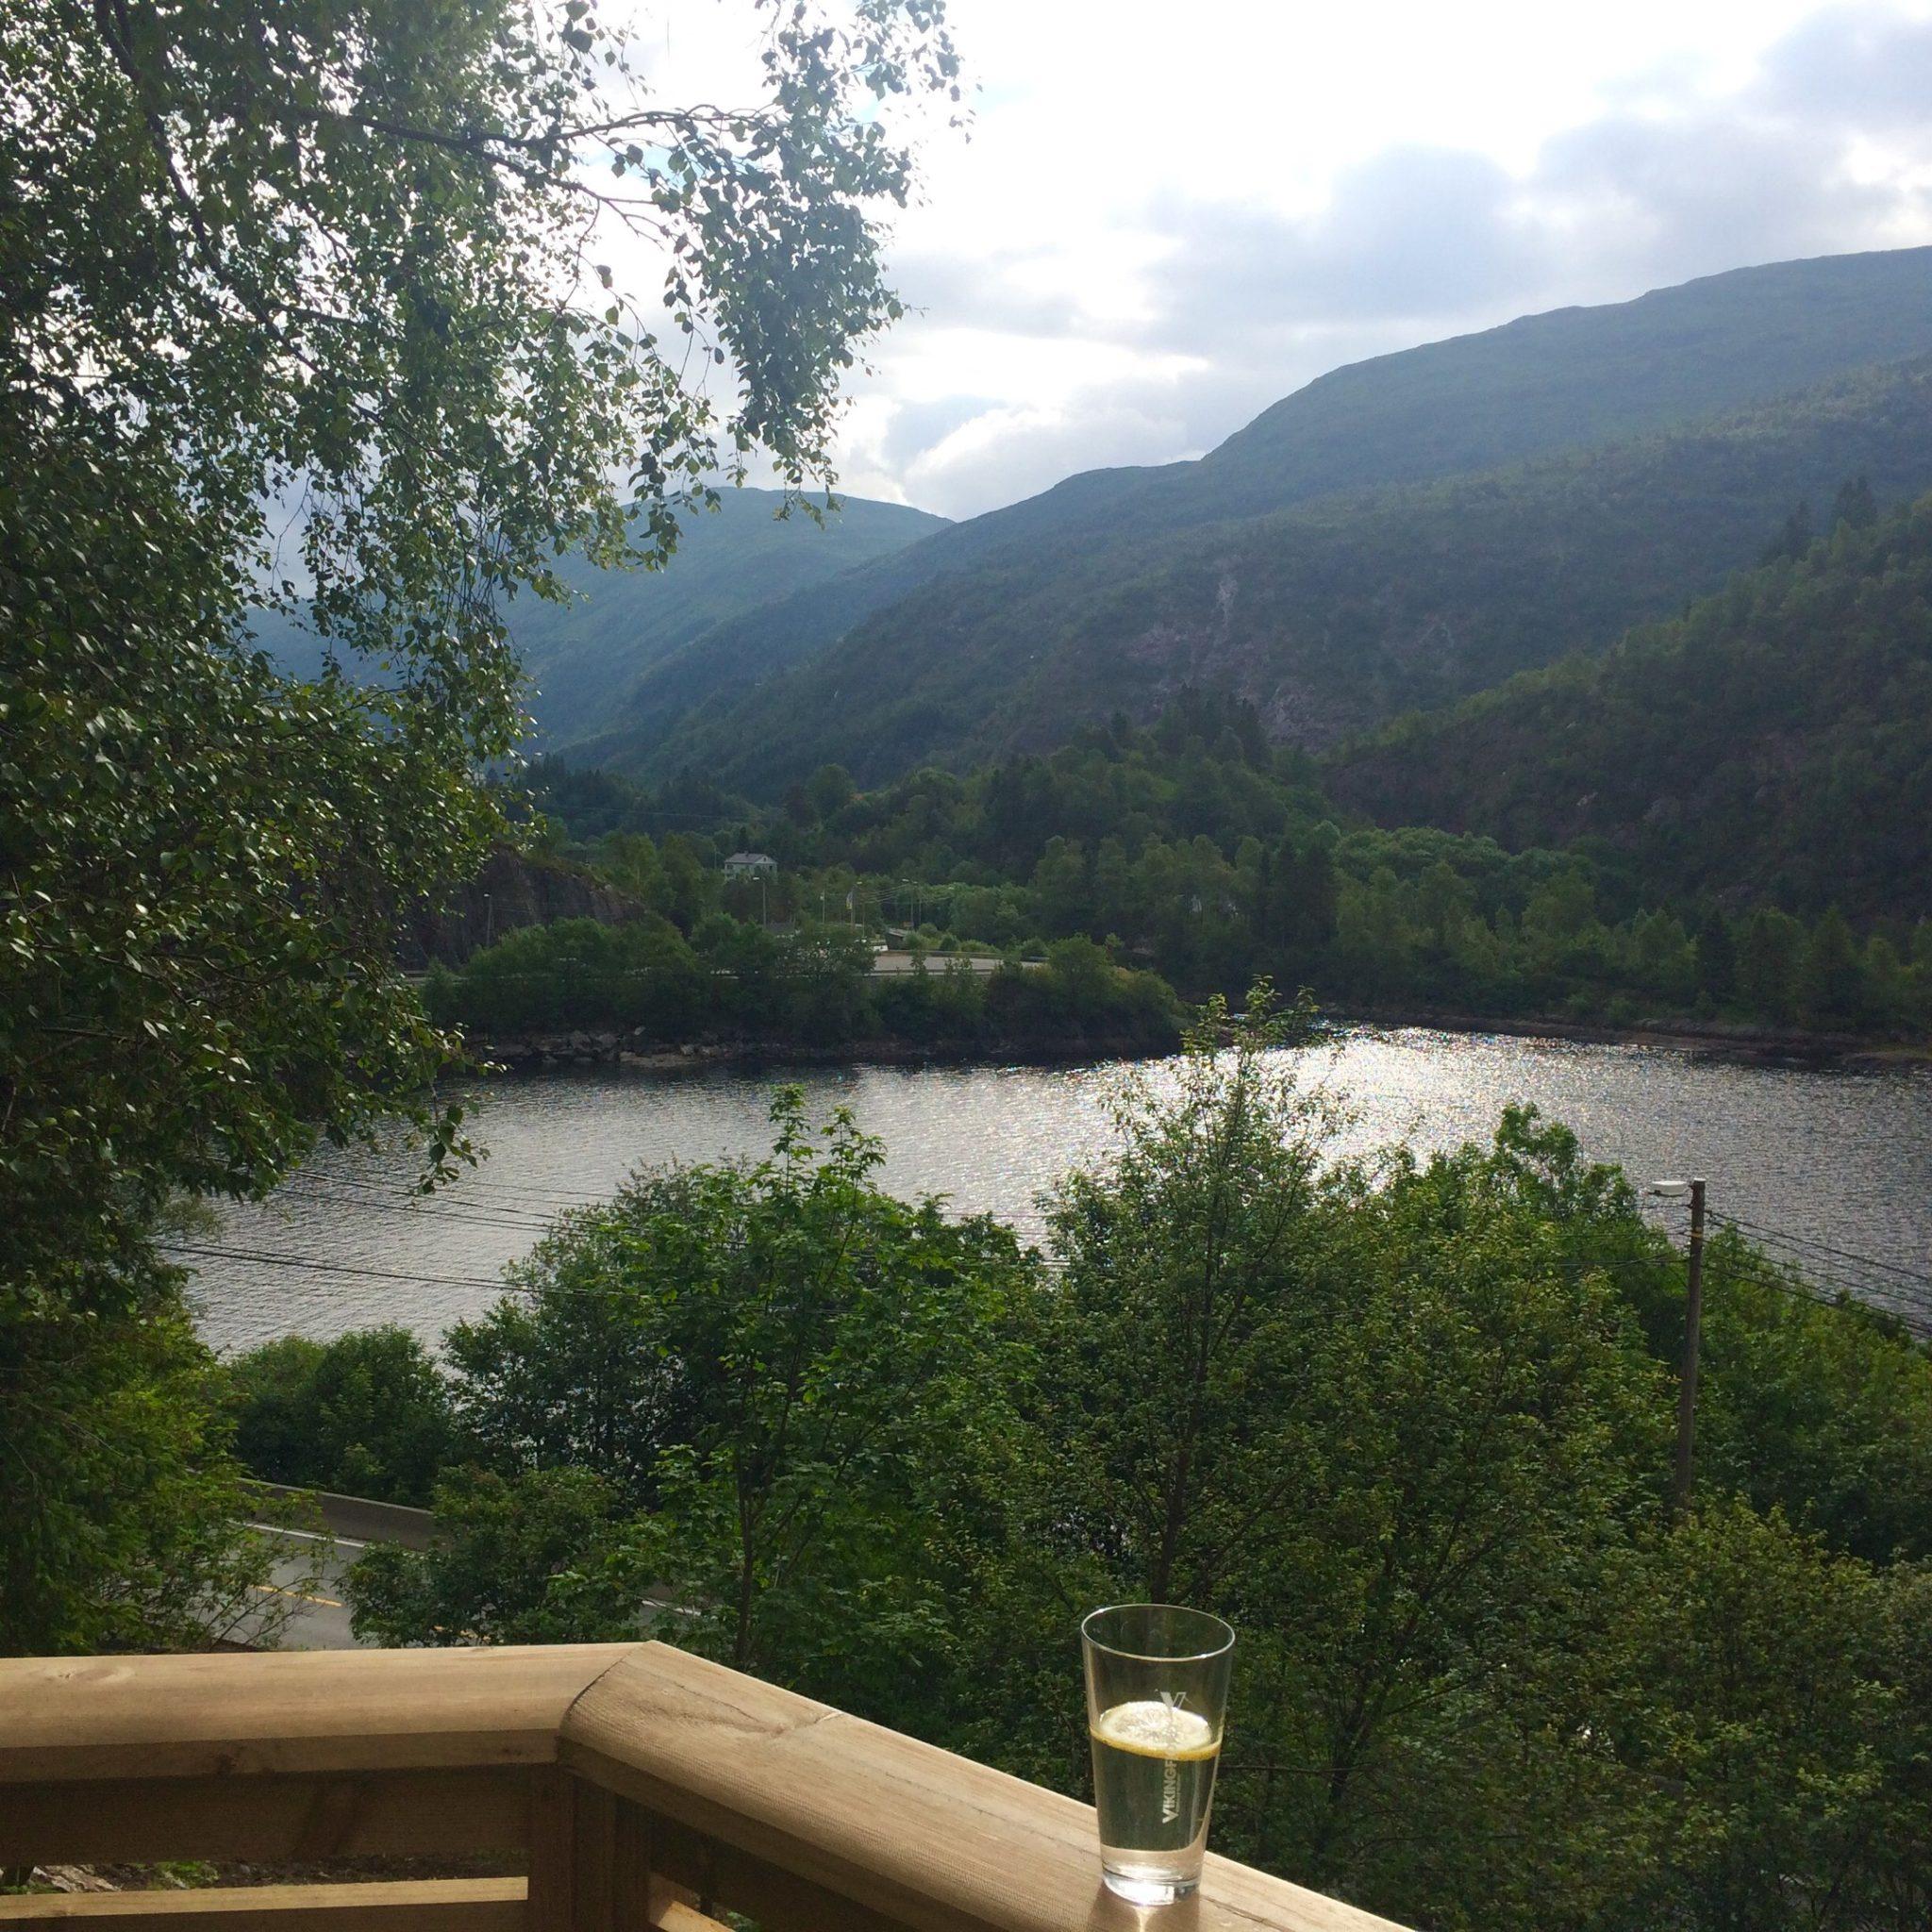 Отзыв об отдыхе в Норвегии, Bergen